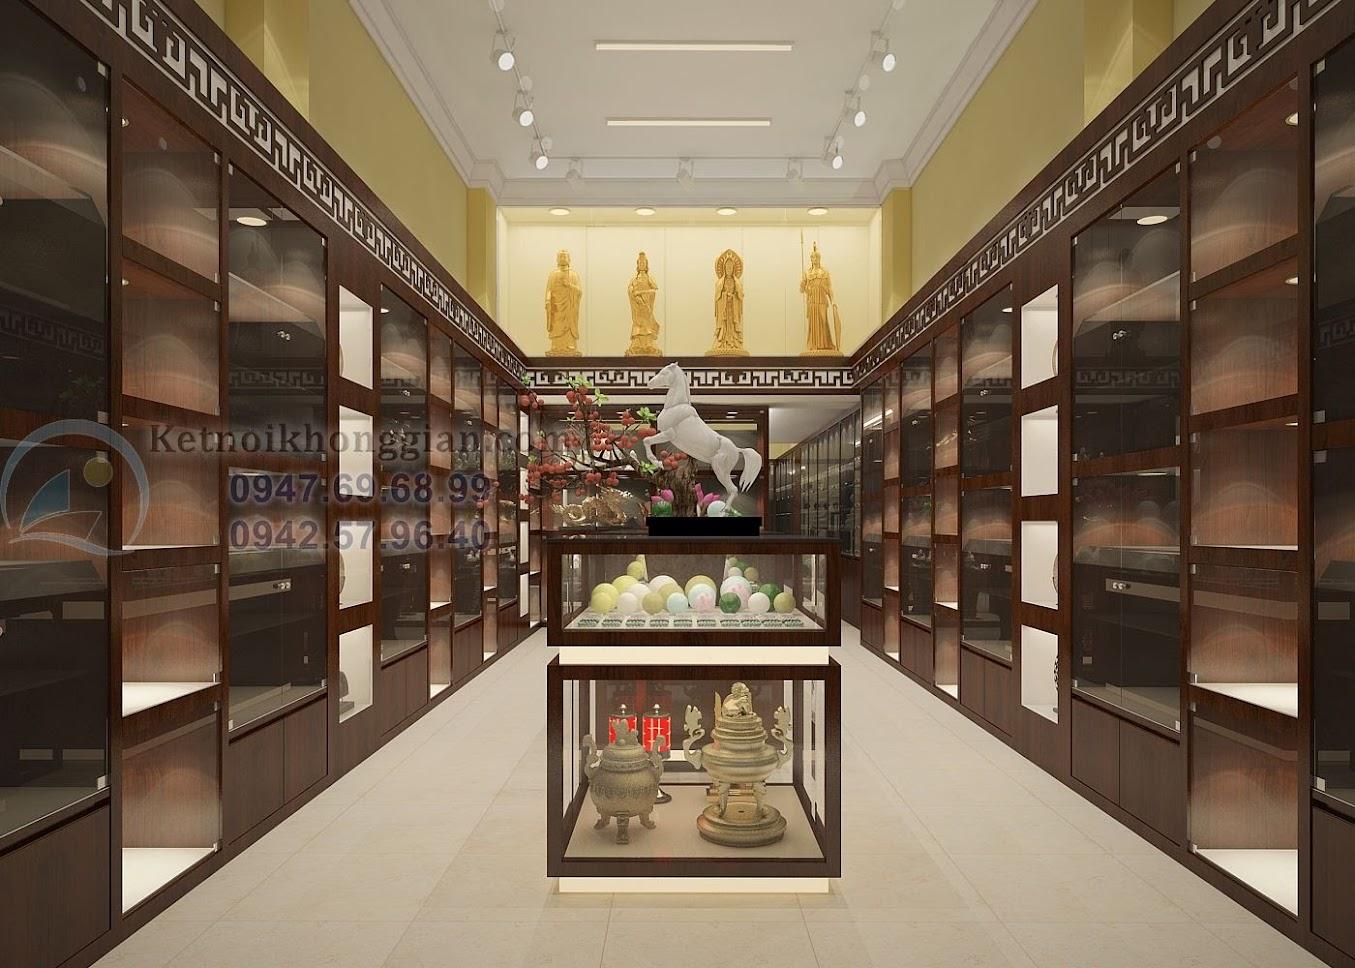 thiết kế cửa hàng vật phẩm phong thủy sang trọng